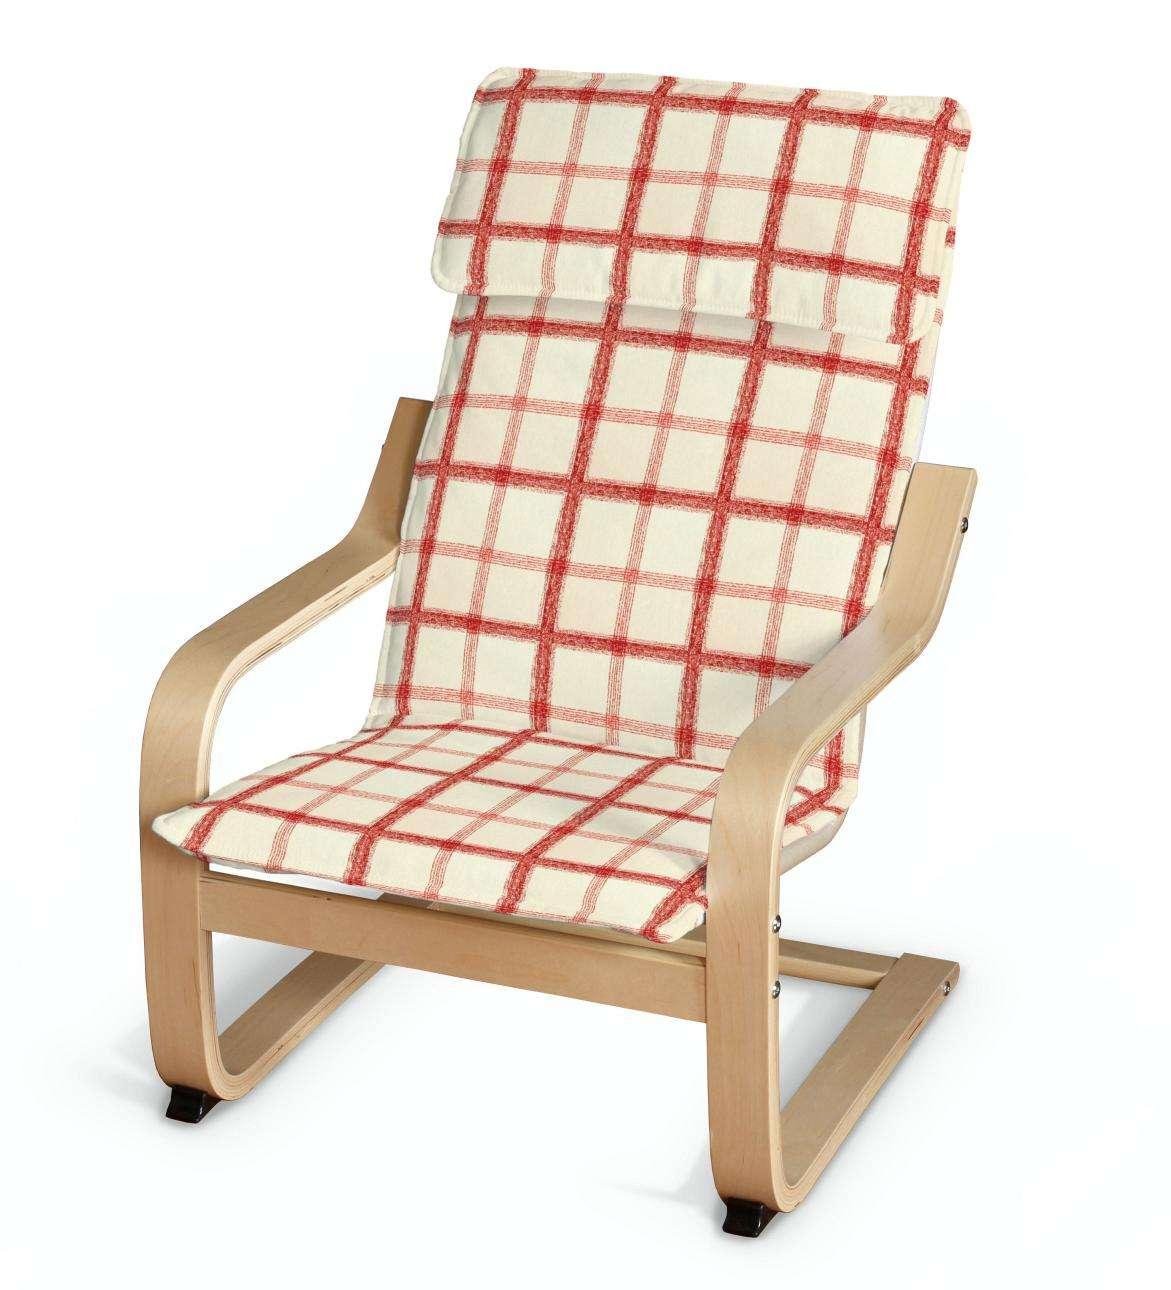 Poduszka na fotelik dziecięcy Poäng fotelik dziecięcy Poäng w kolekcji Avinon, tkanina: 131-15